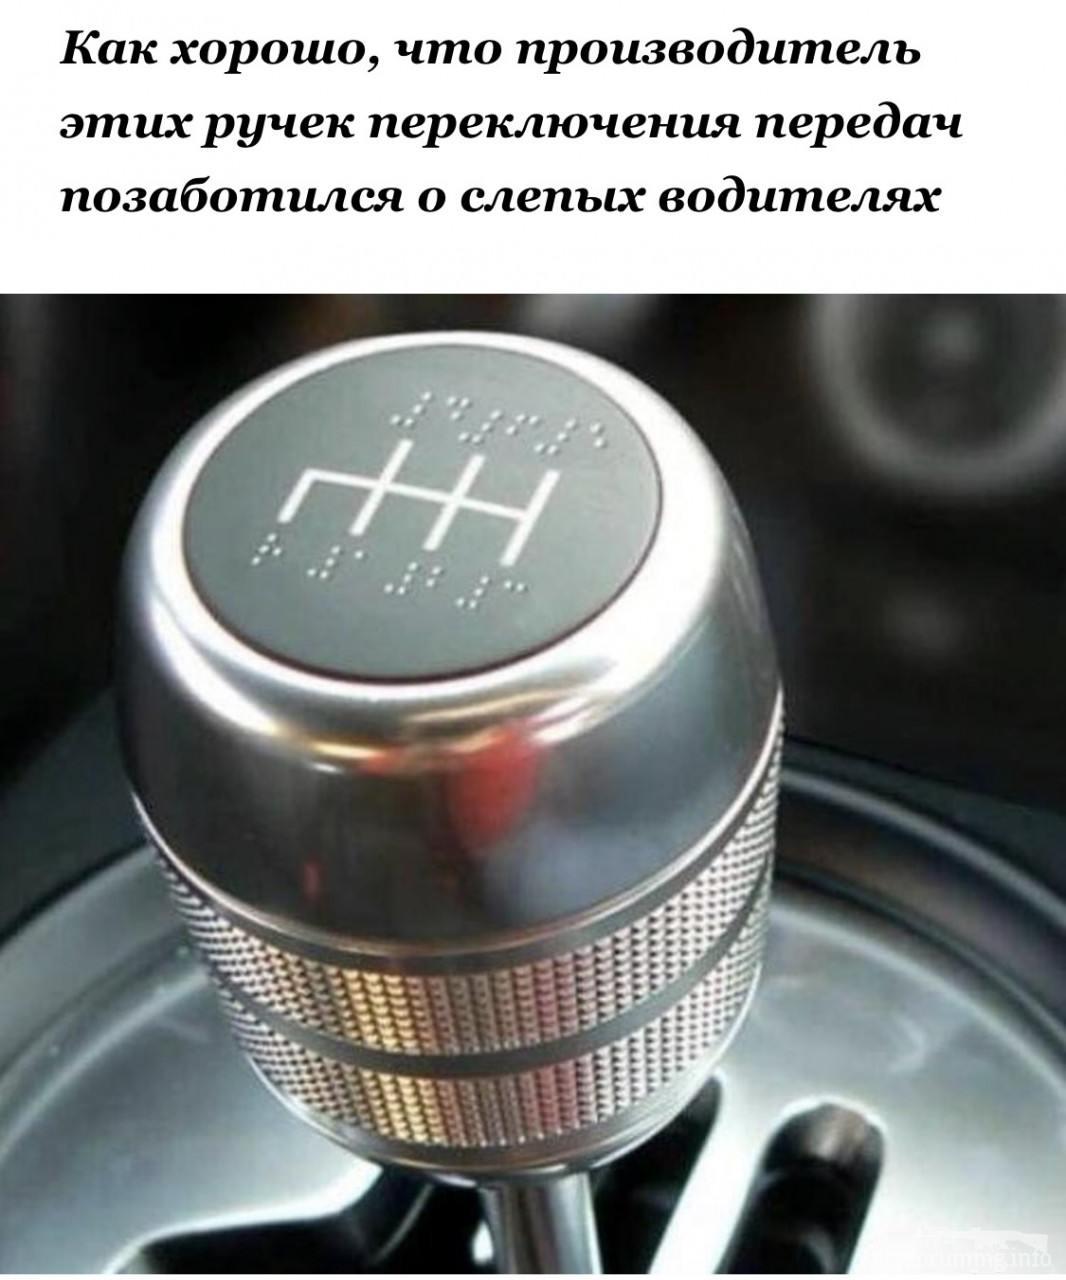 119619 - Автолюбитель...или Шофер. Автофлудилка.